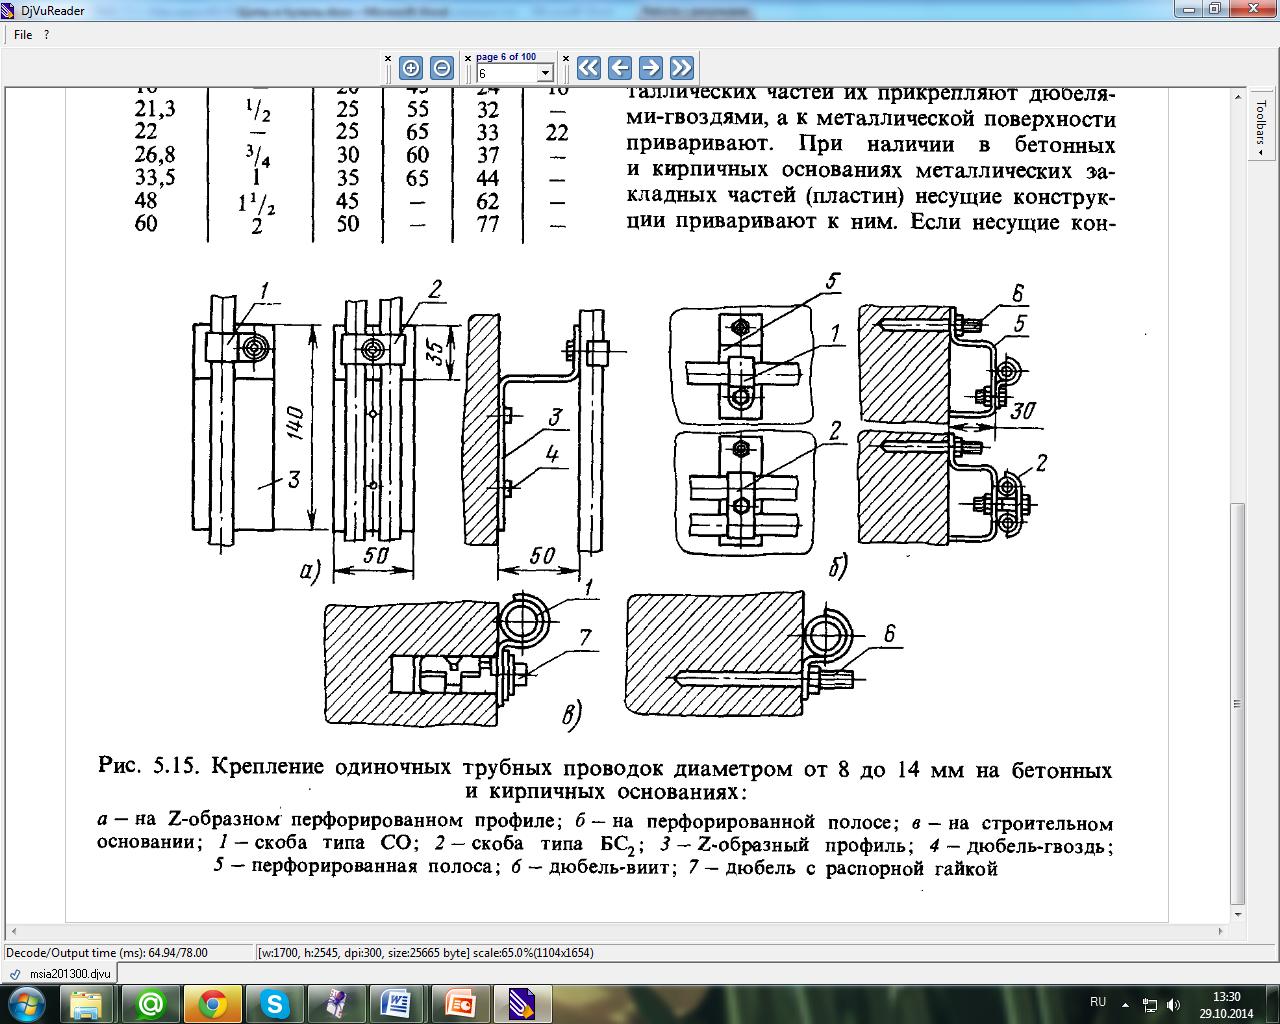 Монтаж электрических проводок реферат 3436